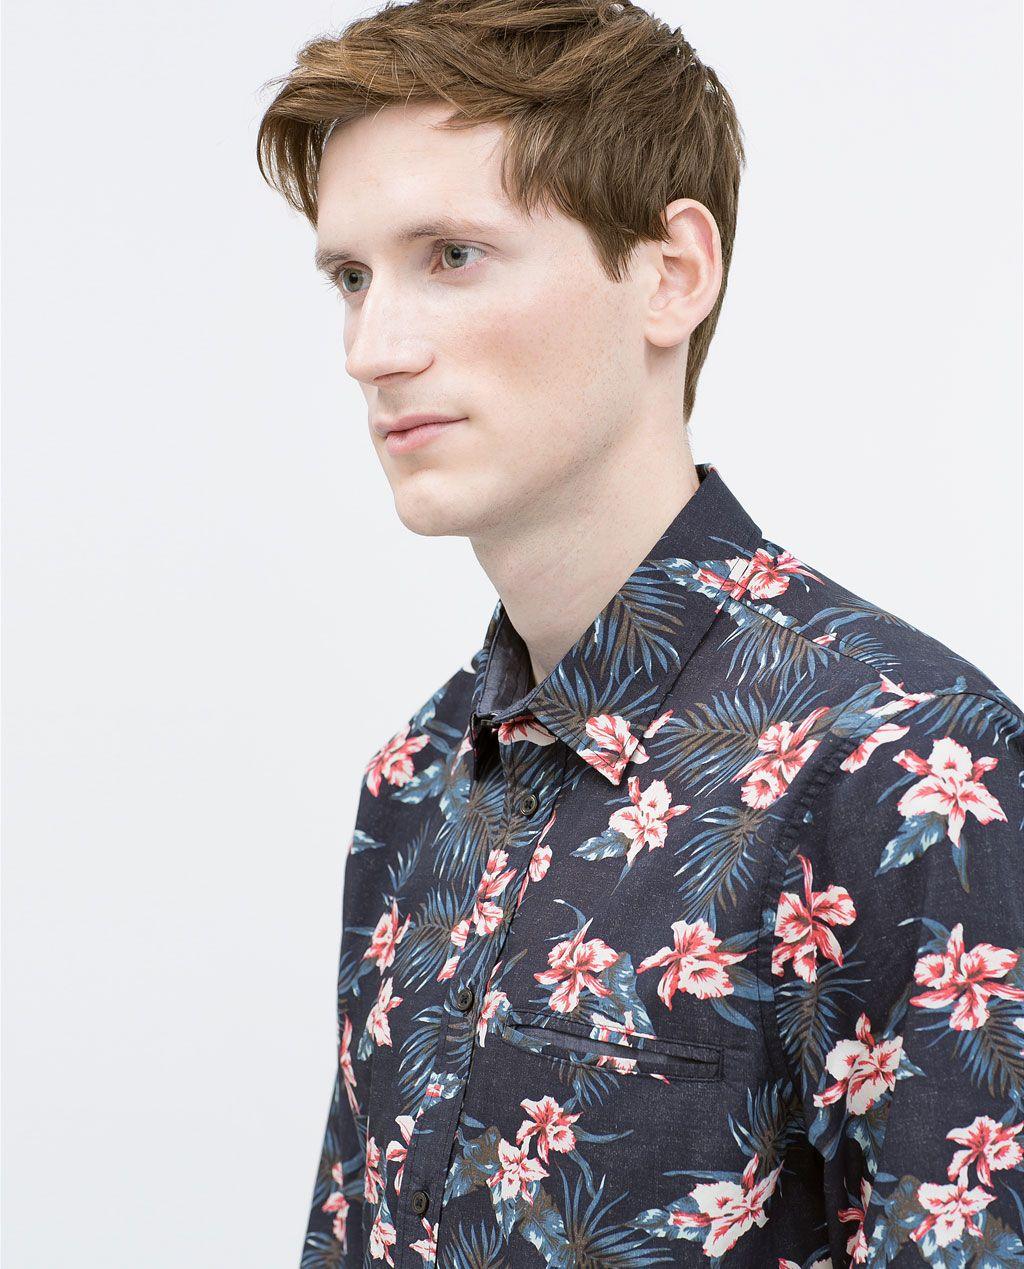 e3b3bb715 ZARA - HOMBRE - CAMISA ESTAMPADA FLORES | Shirts Design | Camisas ...